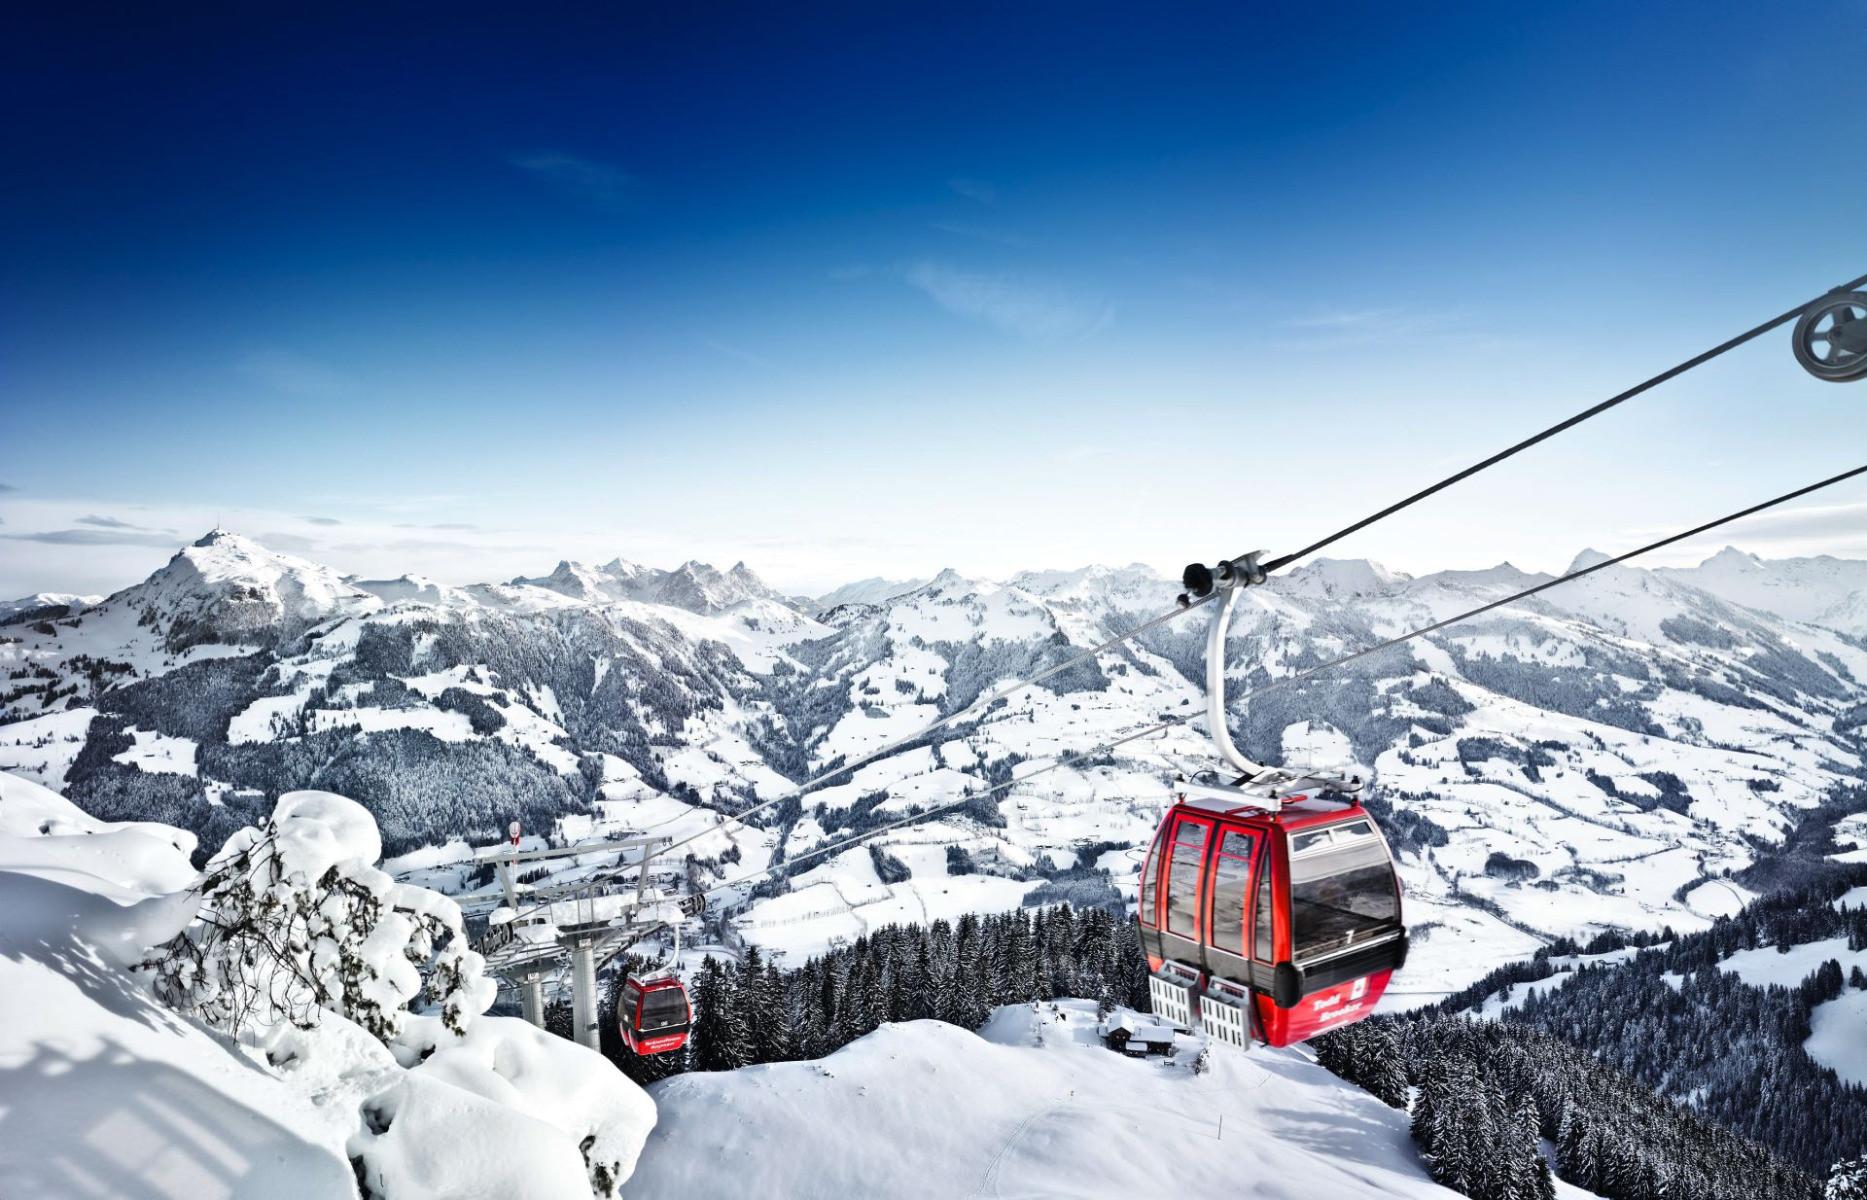 Traumpanorama in den Kitzbüheler Alpen